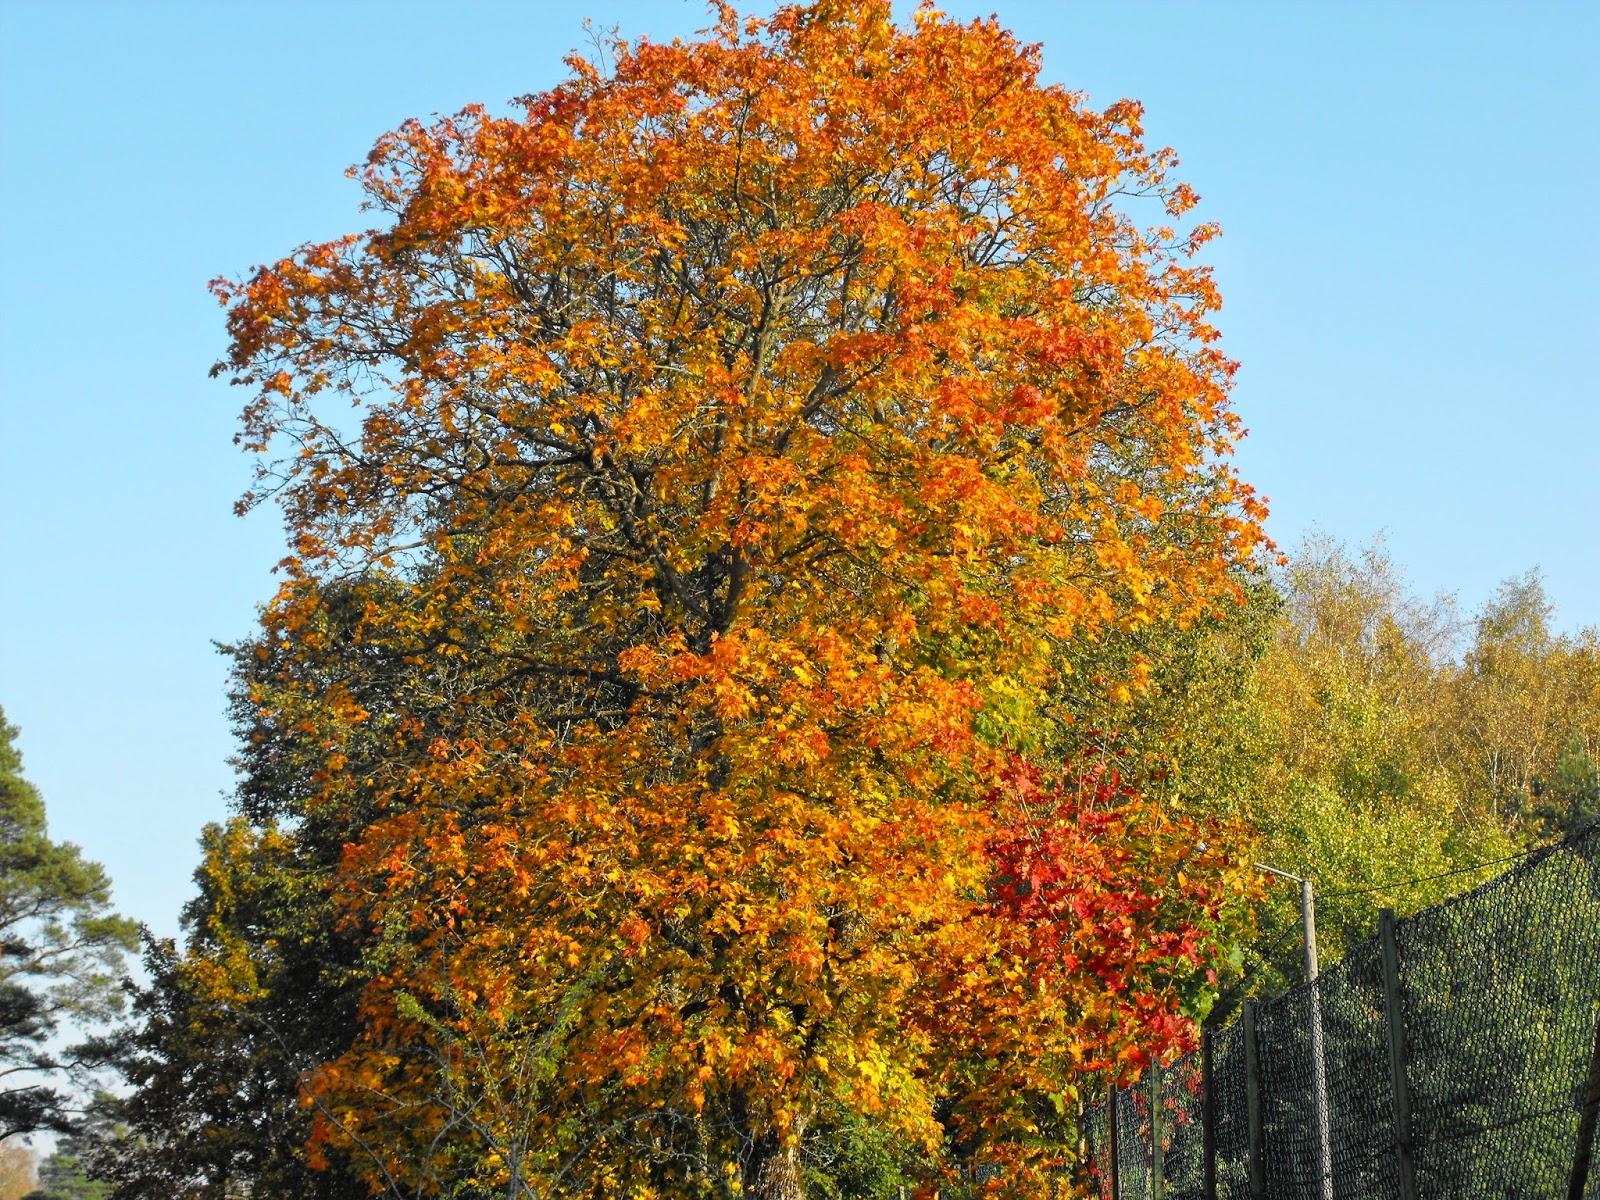 promenad, höst, autum, Sösdala, Hässleholm, landet, Hässleholms kommun, Sosdala, vacker natur